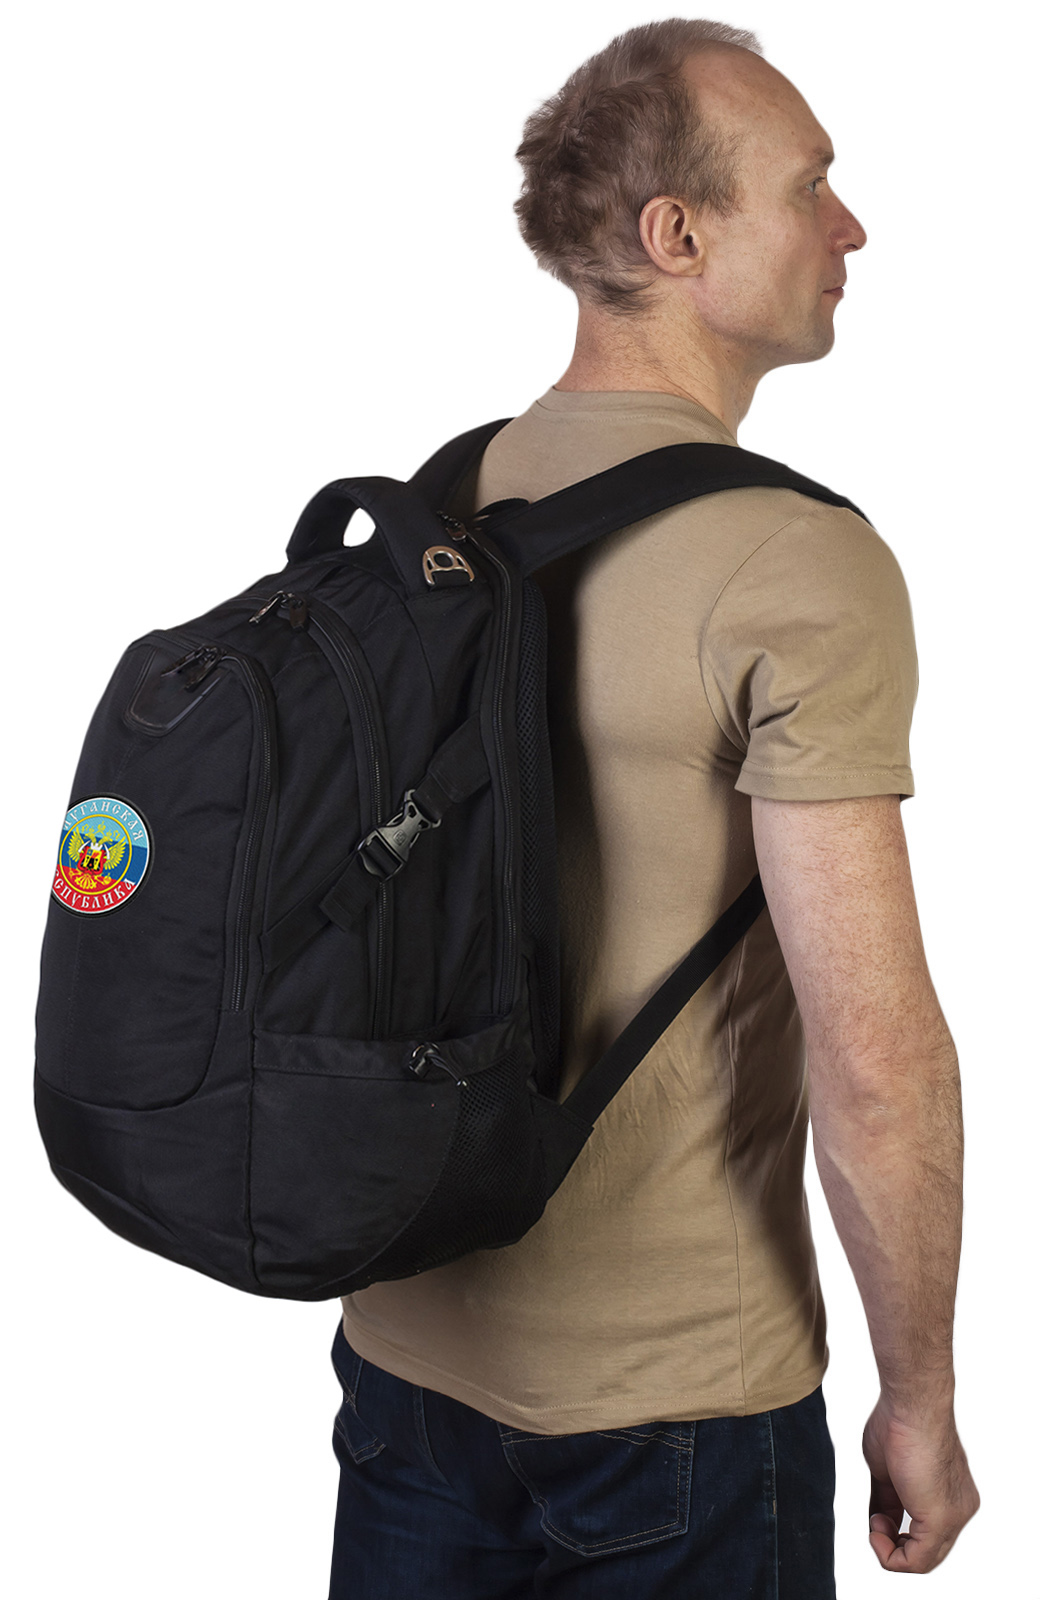 Многоцелевой стильный рюкзак с флагом ЛНР - купить в Военпро